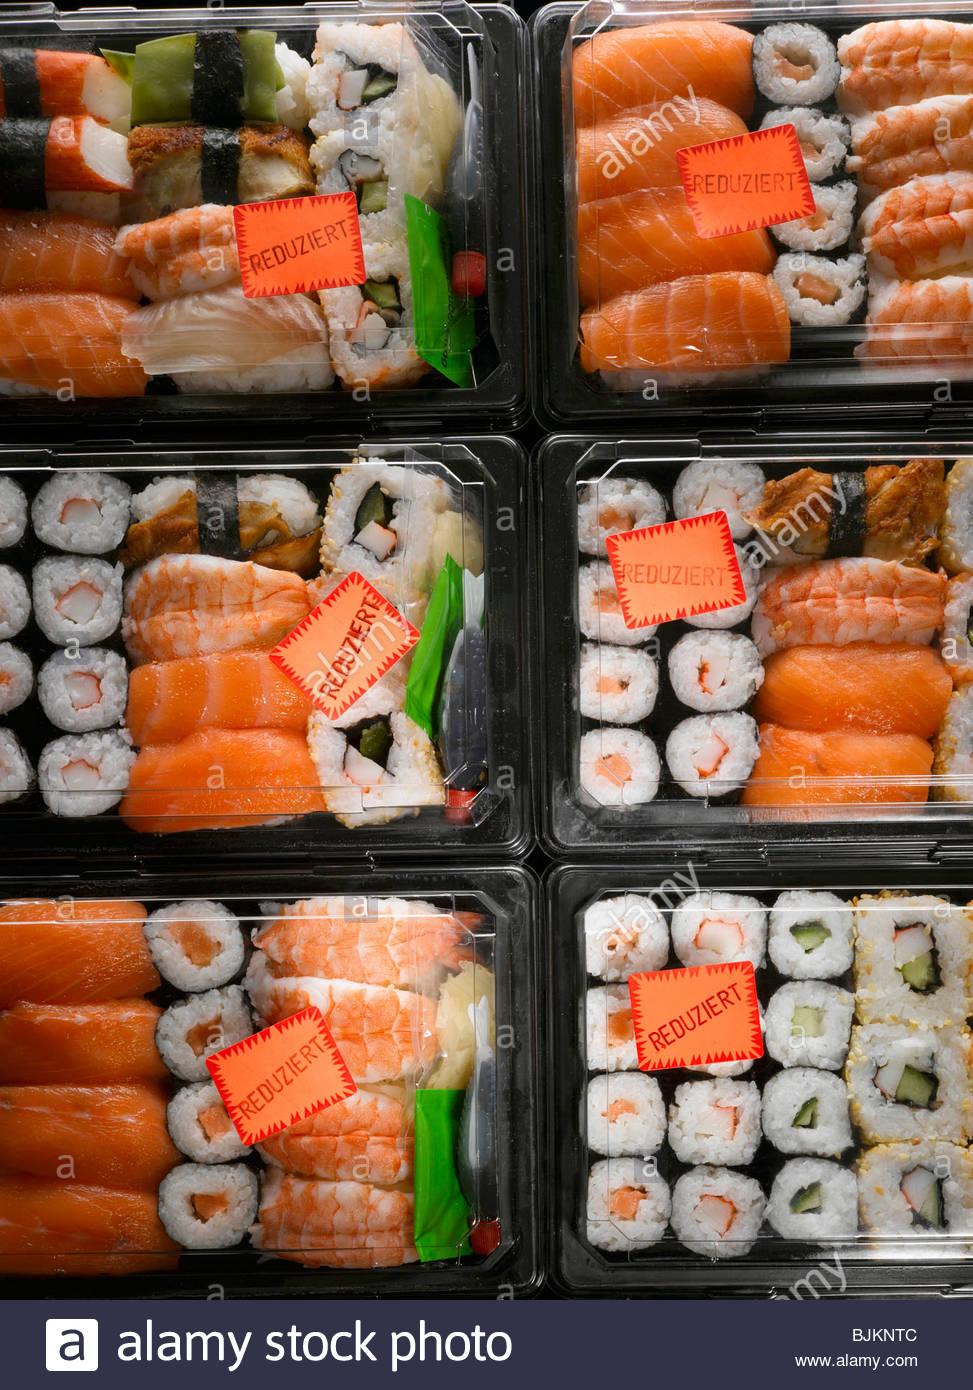 """Sushi en cajas de plástico con """"reducido"""" etiquetas Imagen De Stock"""